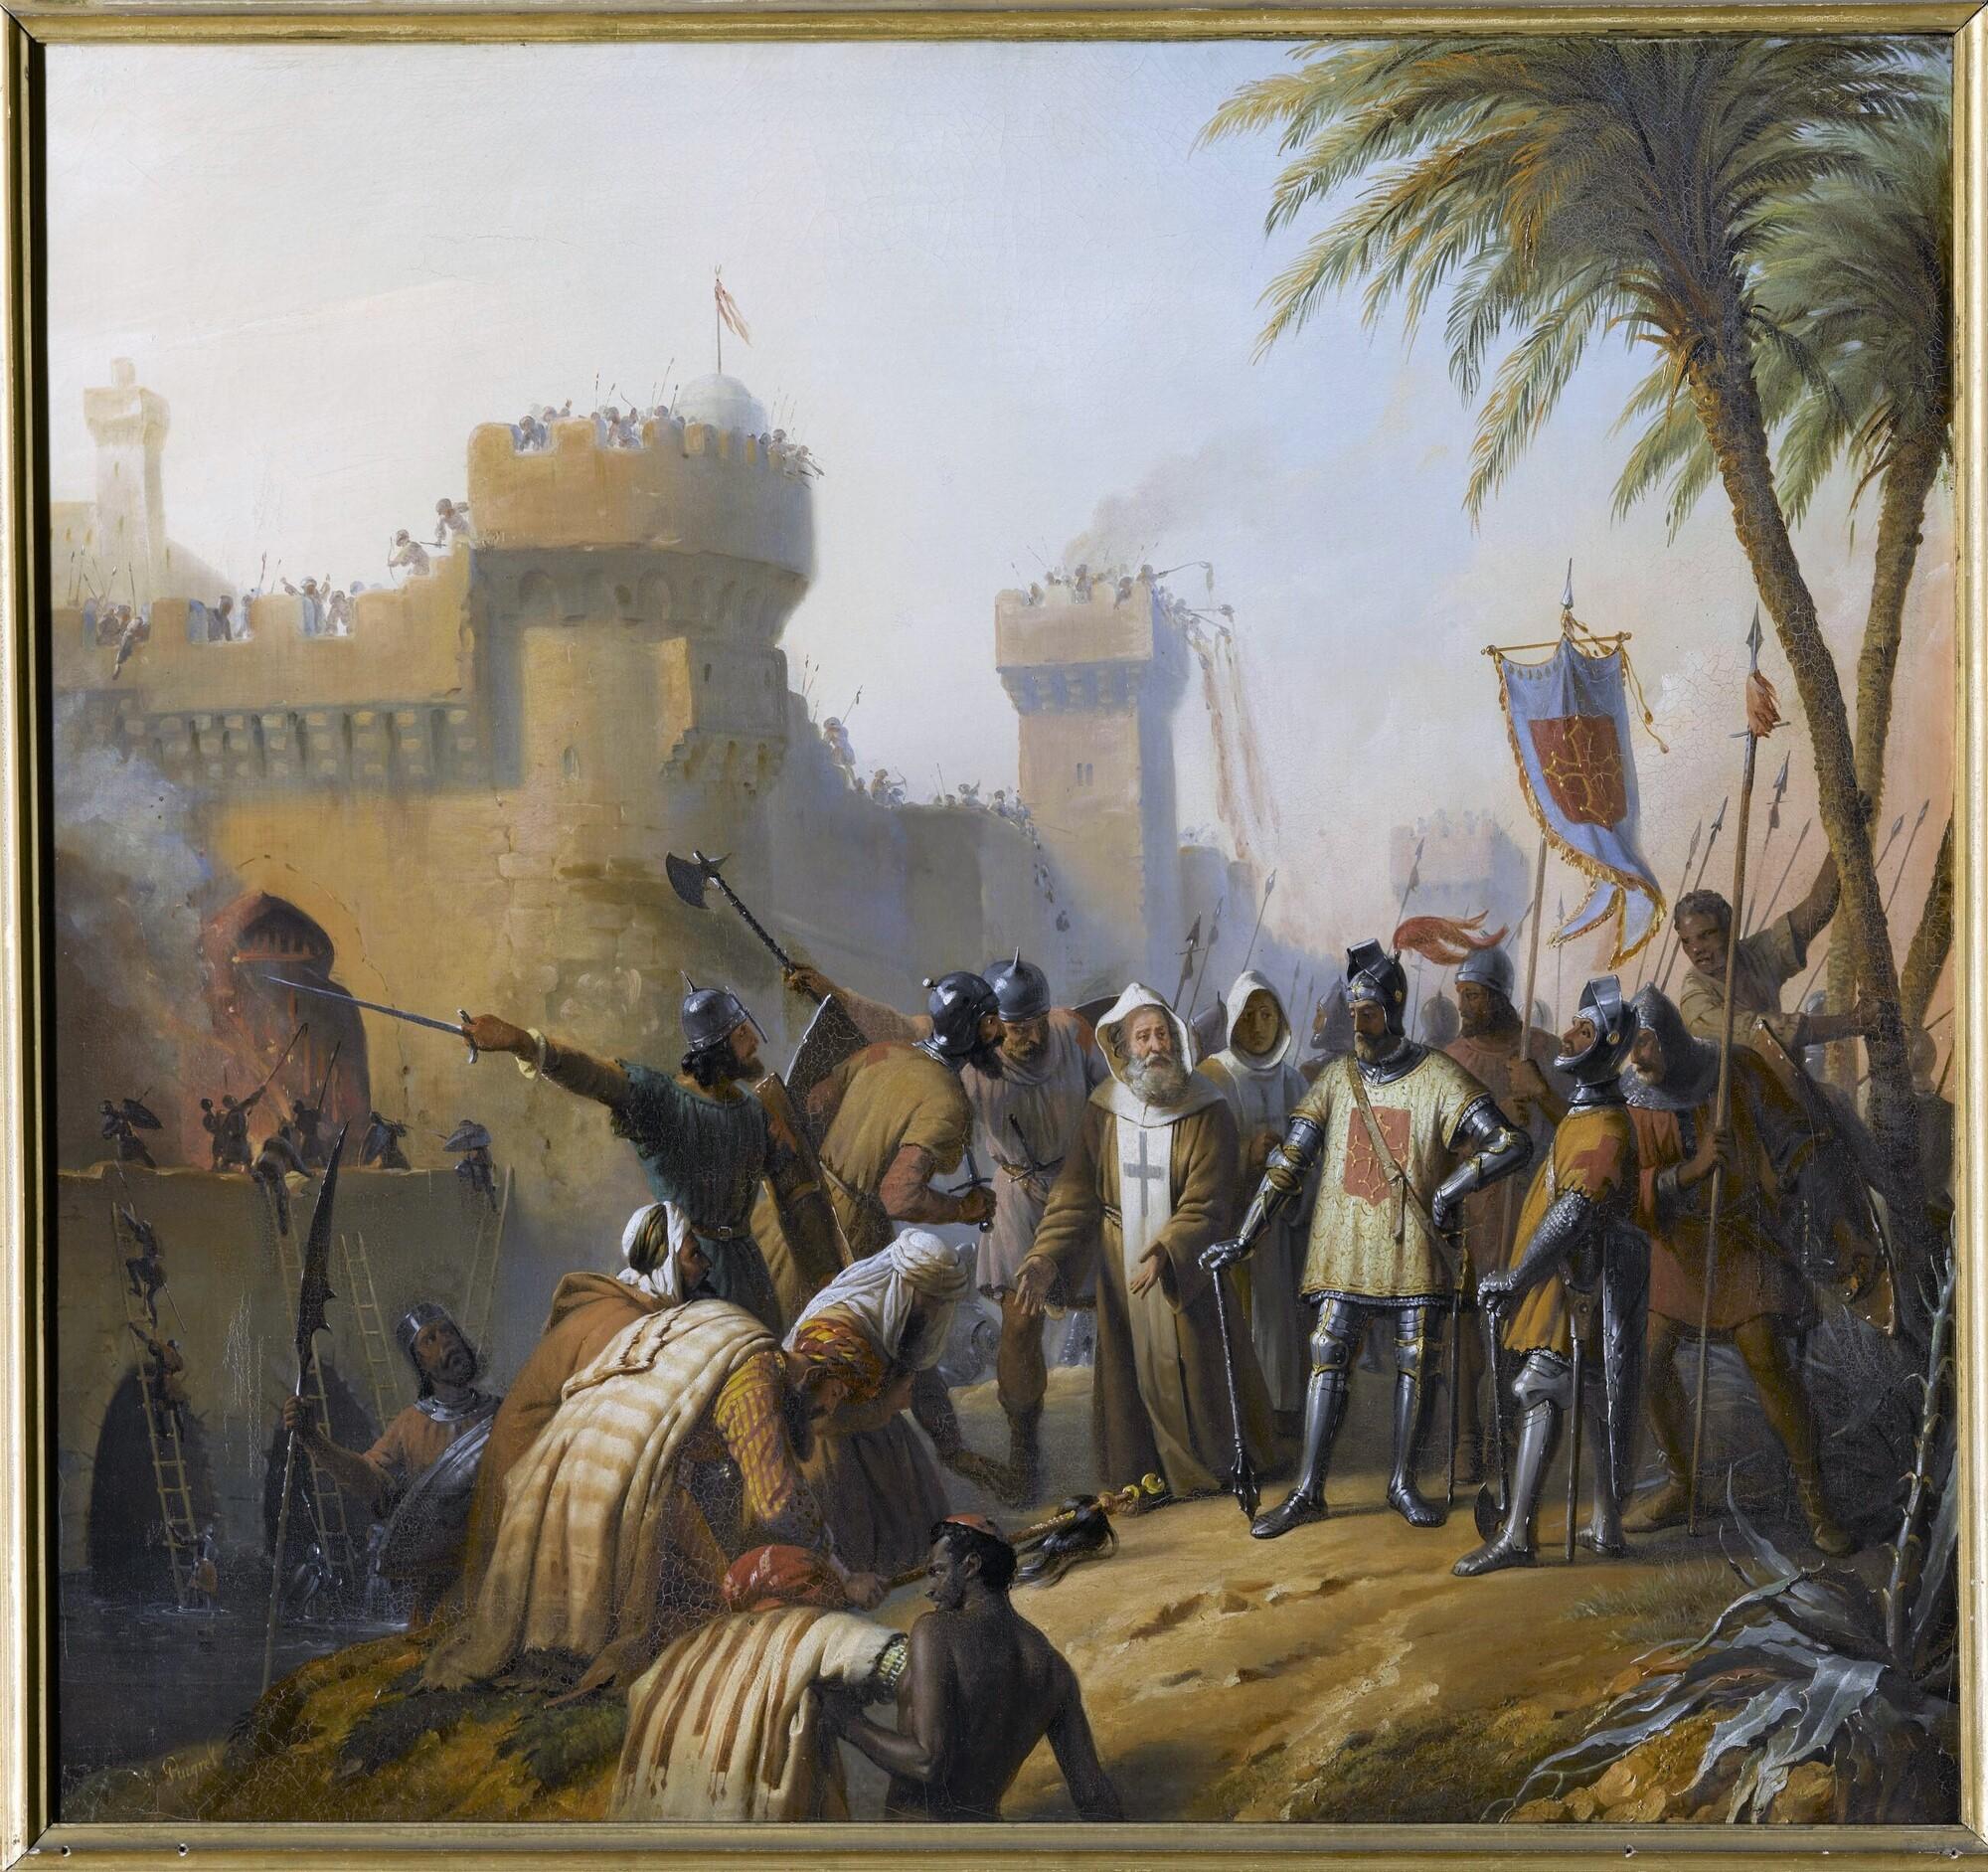 Prise de la ville d'Al-Bara (Albare) dans la province d'Antioche, 1098. Peintre : Edouard Pingret.